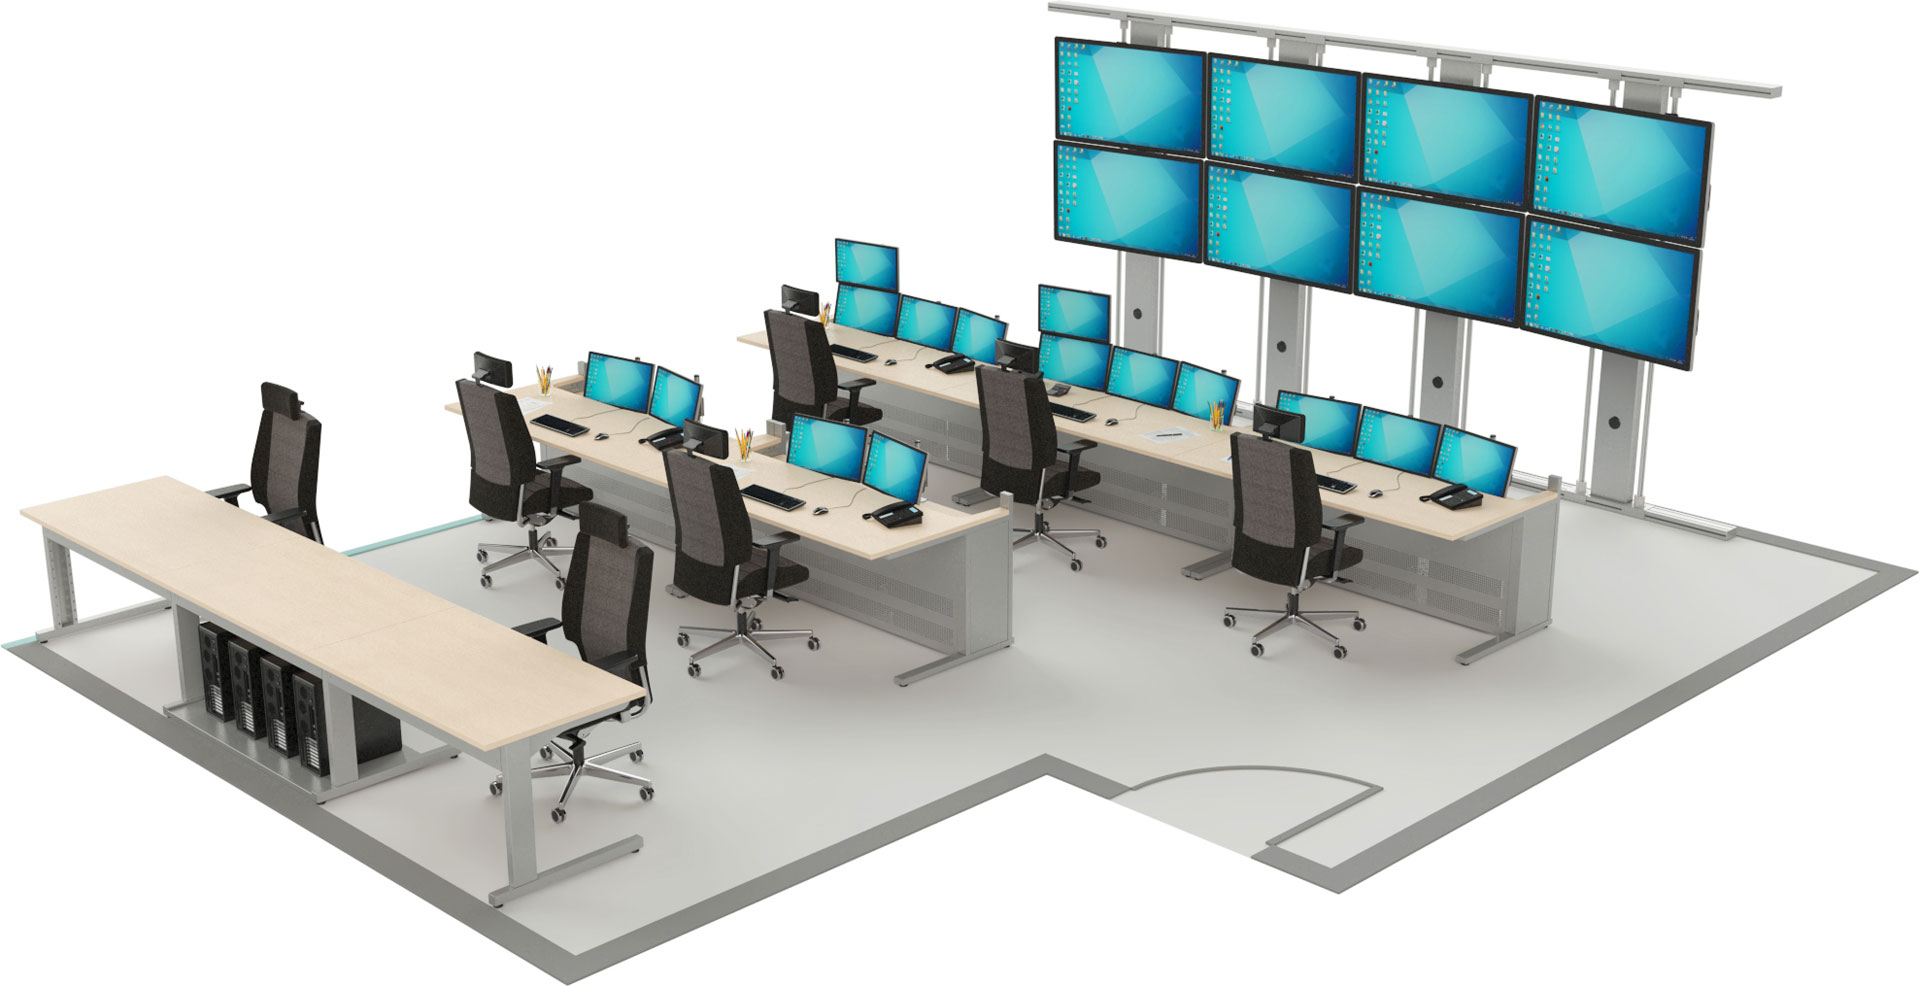 Implantation salle de contrôle et supervision